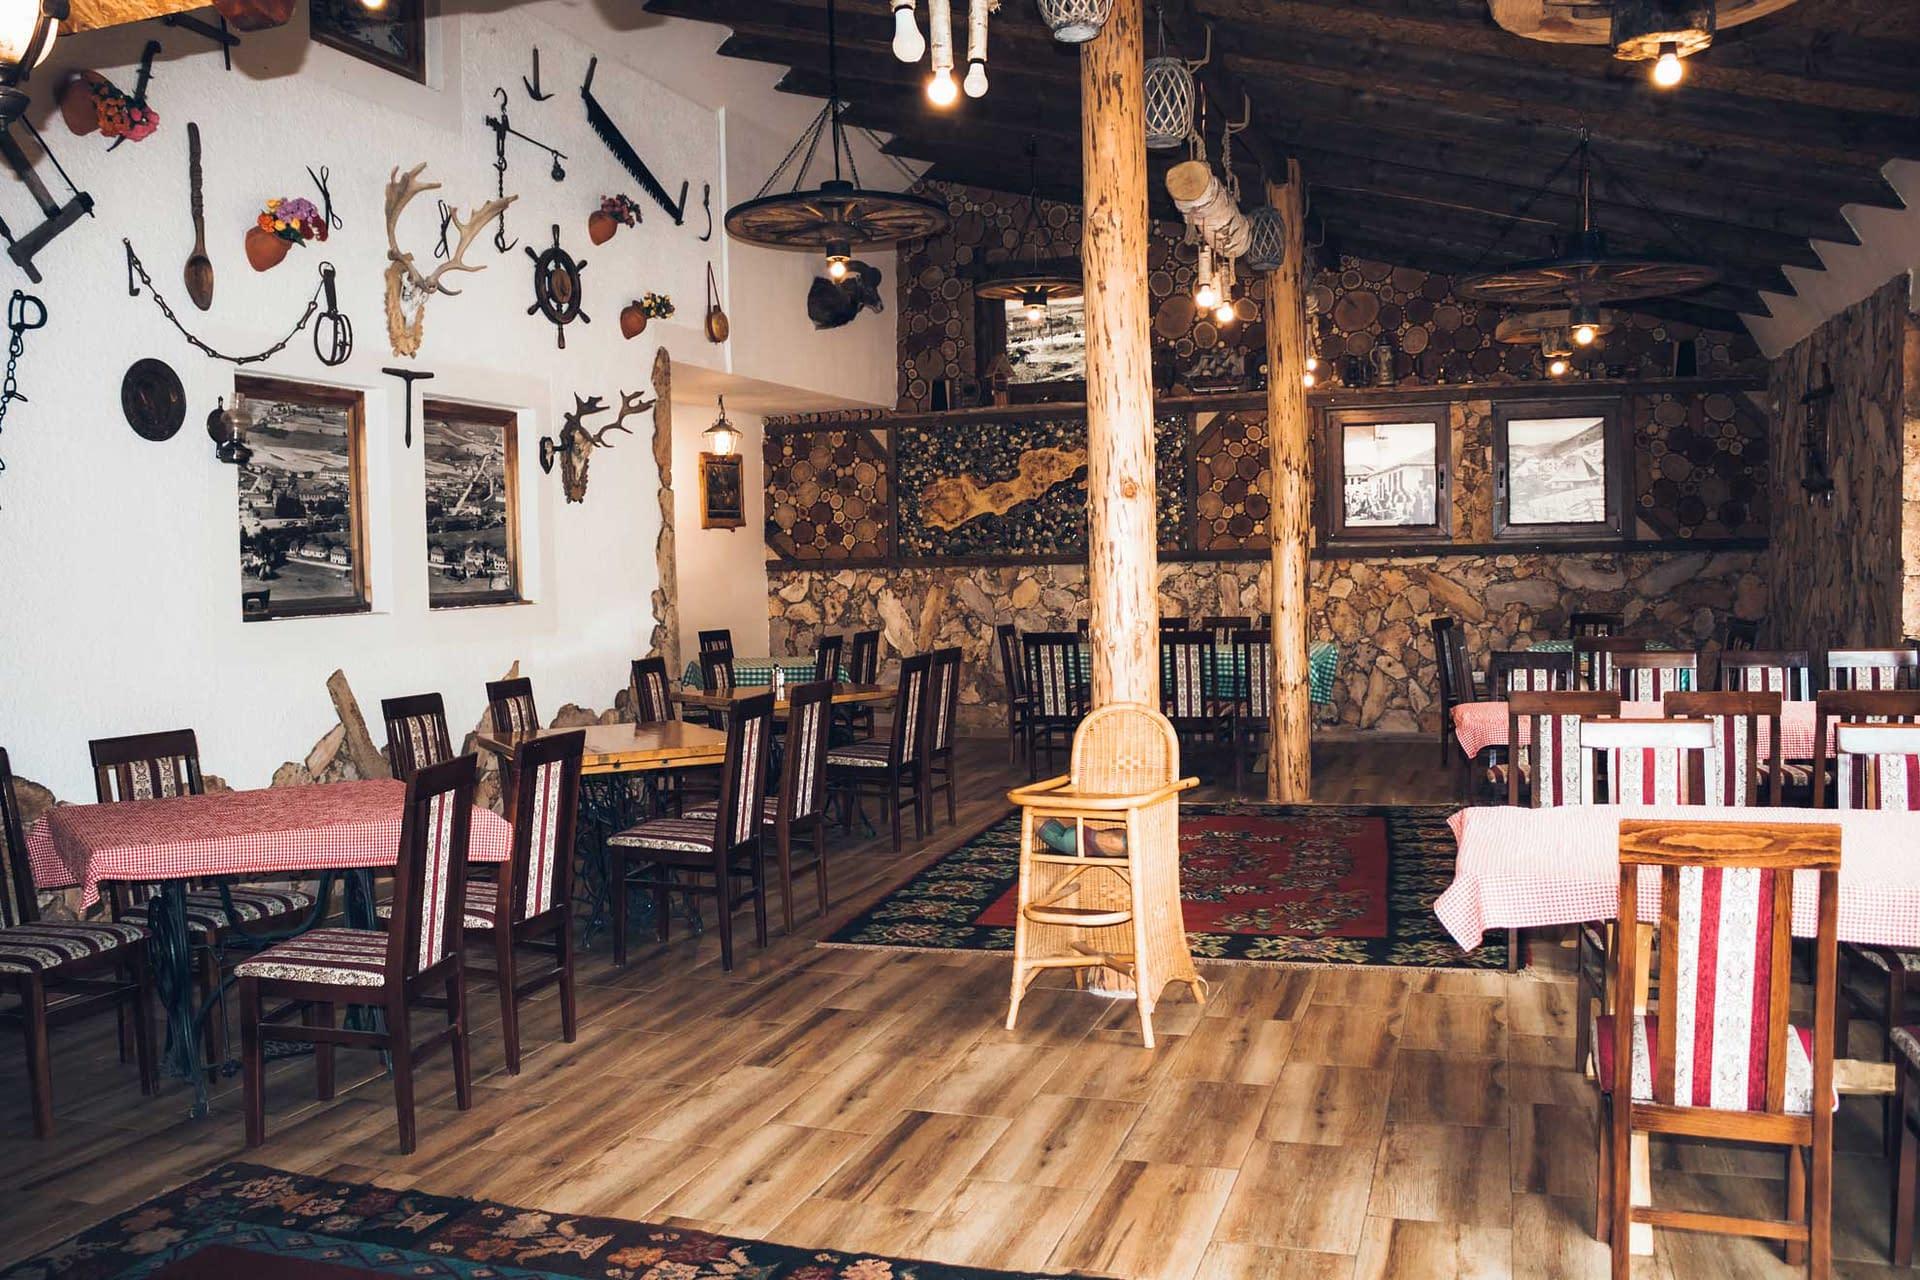 Restoran Raduške Staze